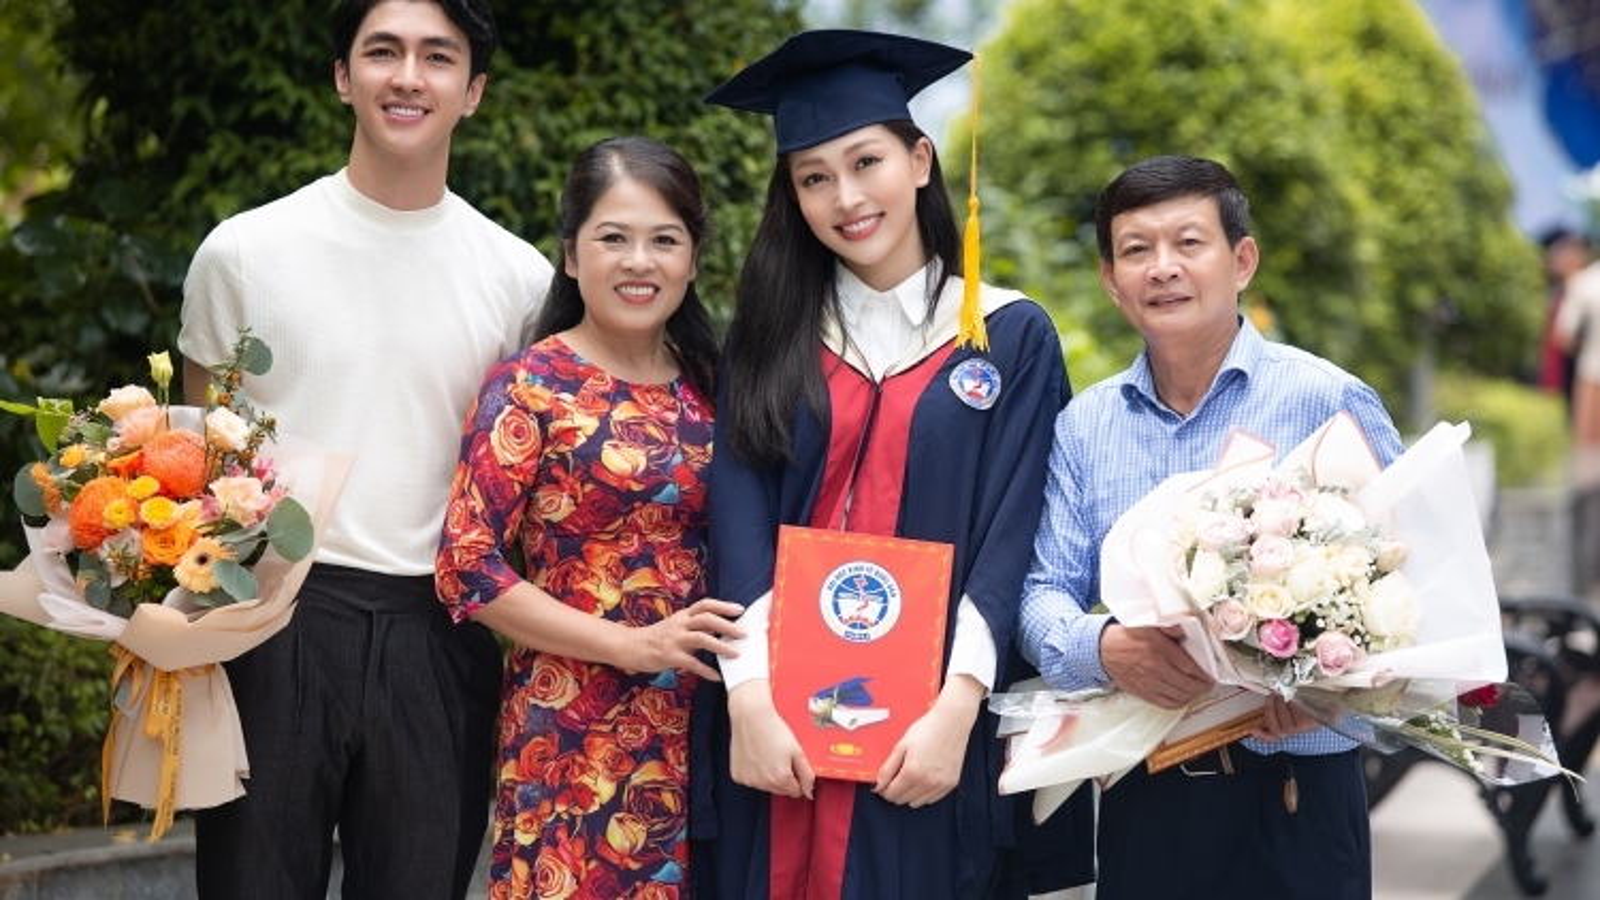 Á hậu Phương Nga rạng rỡ cùng bạn trai Bình An tại buổi lễ tốt nghiệp Đại học